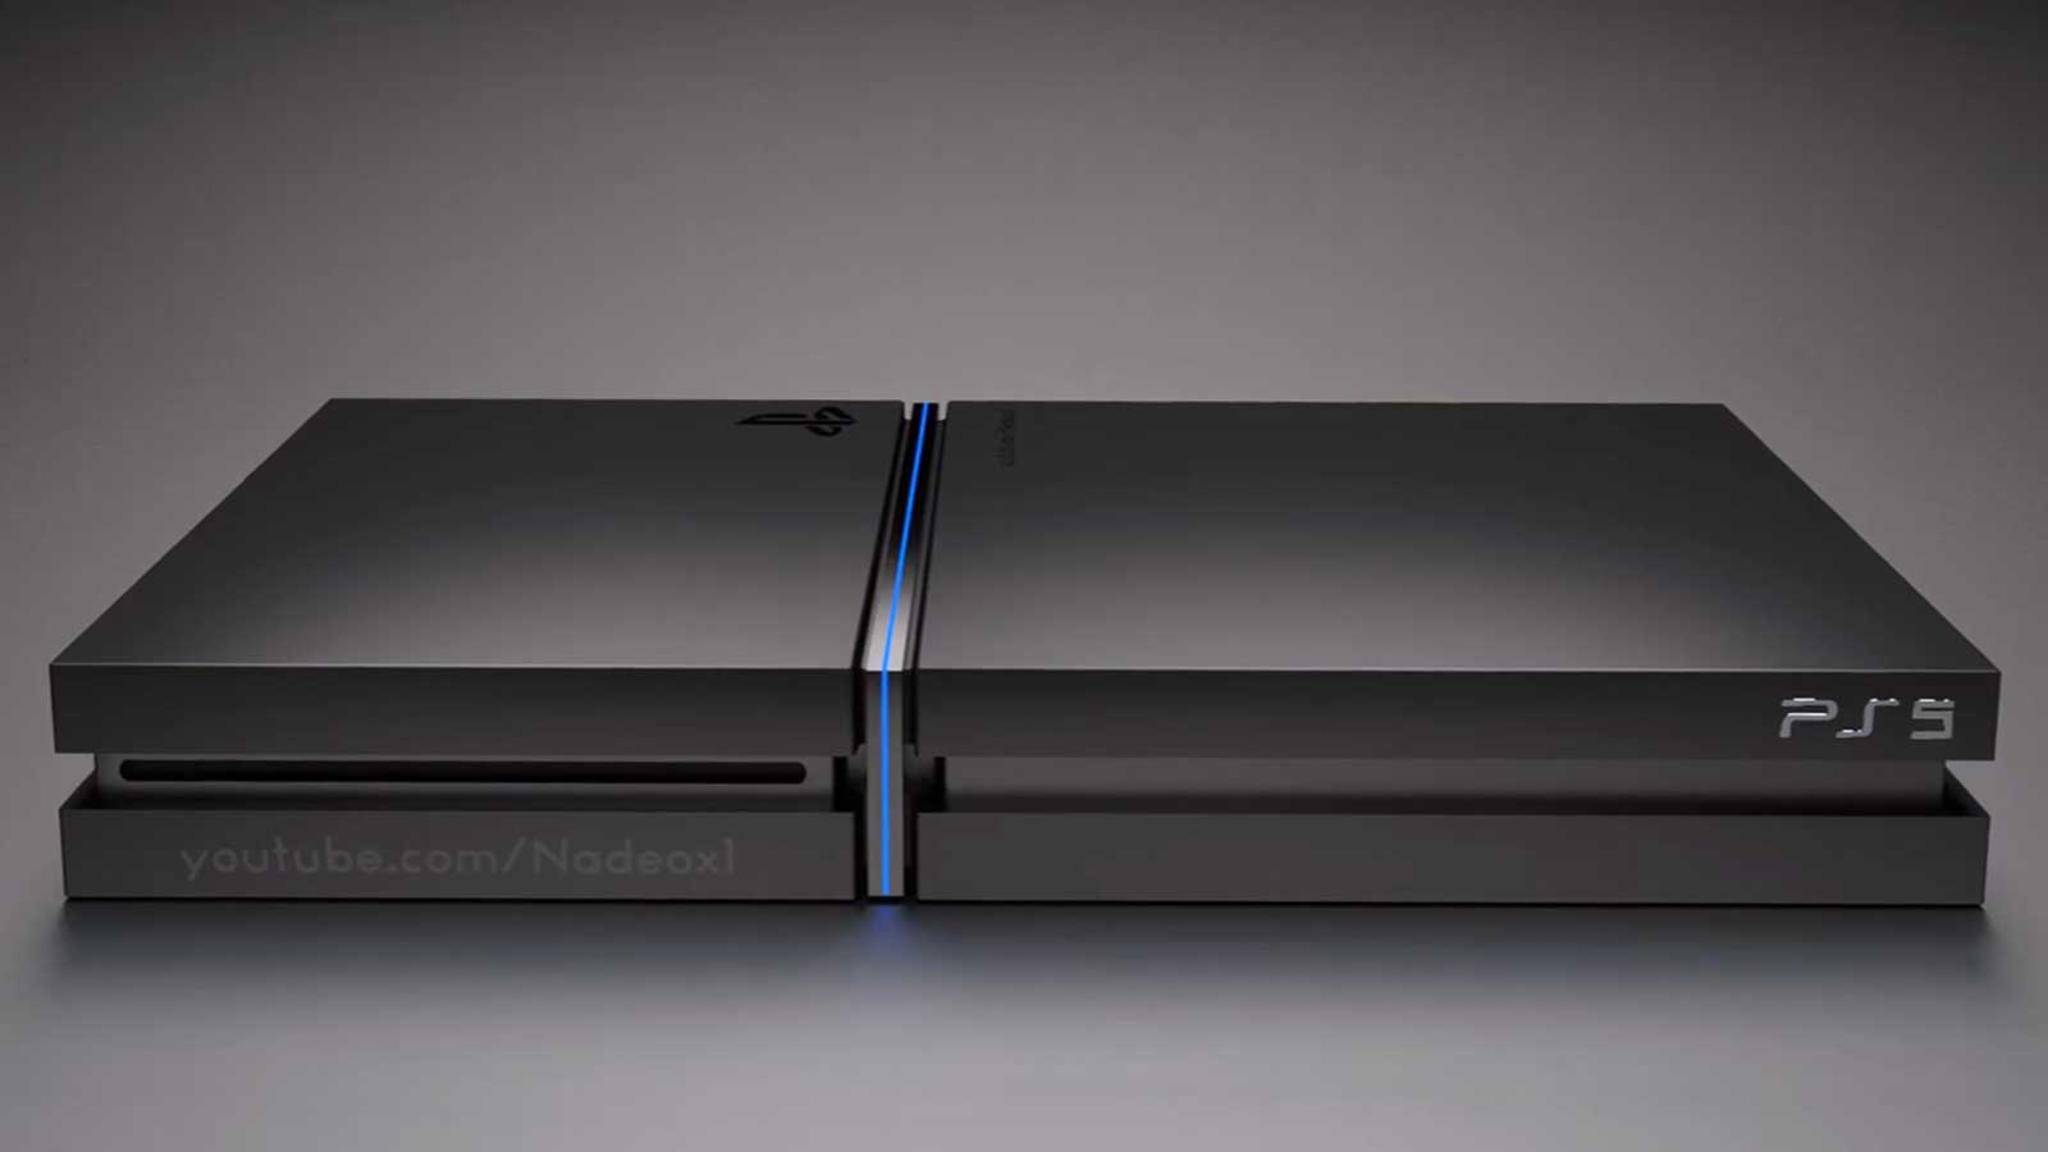 Vielleicht wird die PS5 nicht als einsame Konsole auf den Markt kommen.